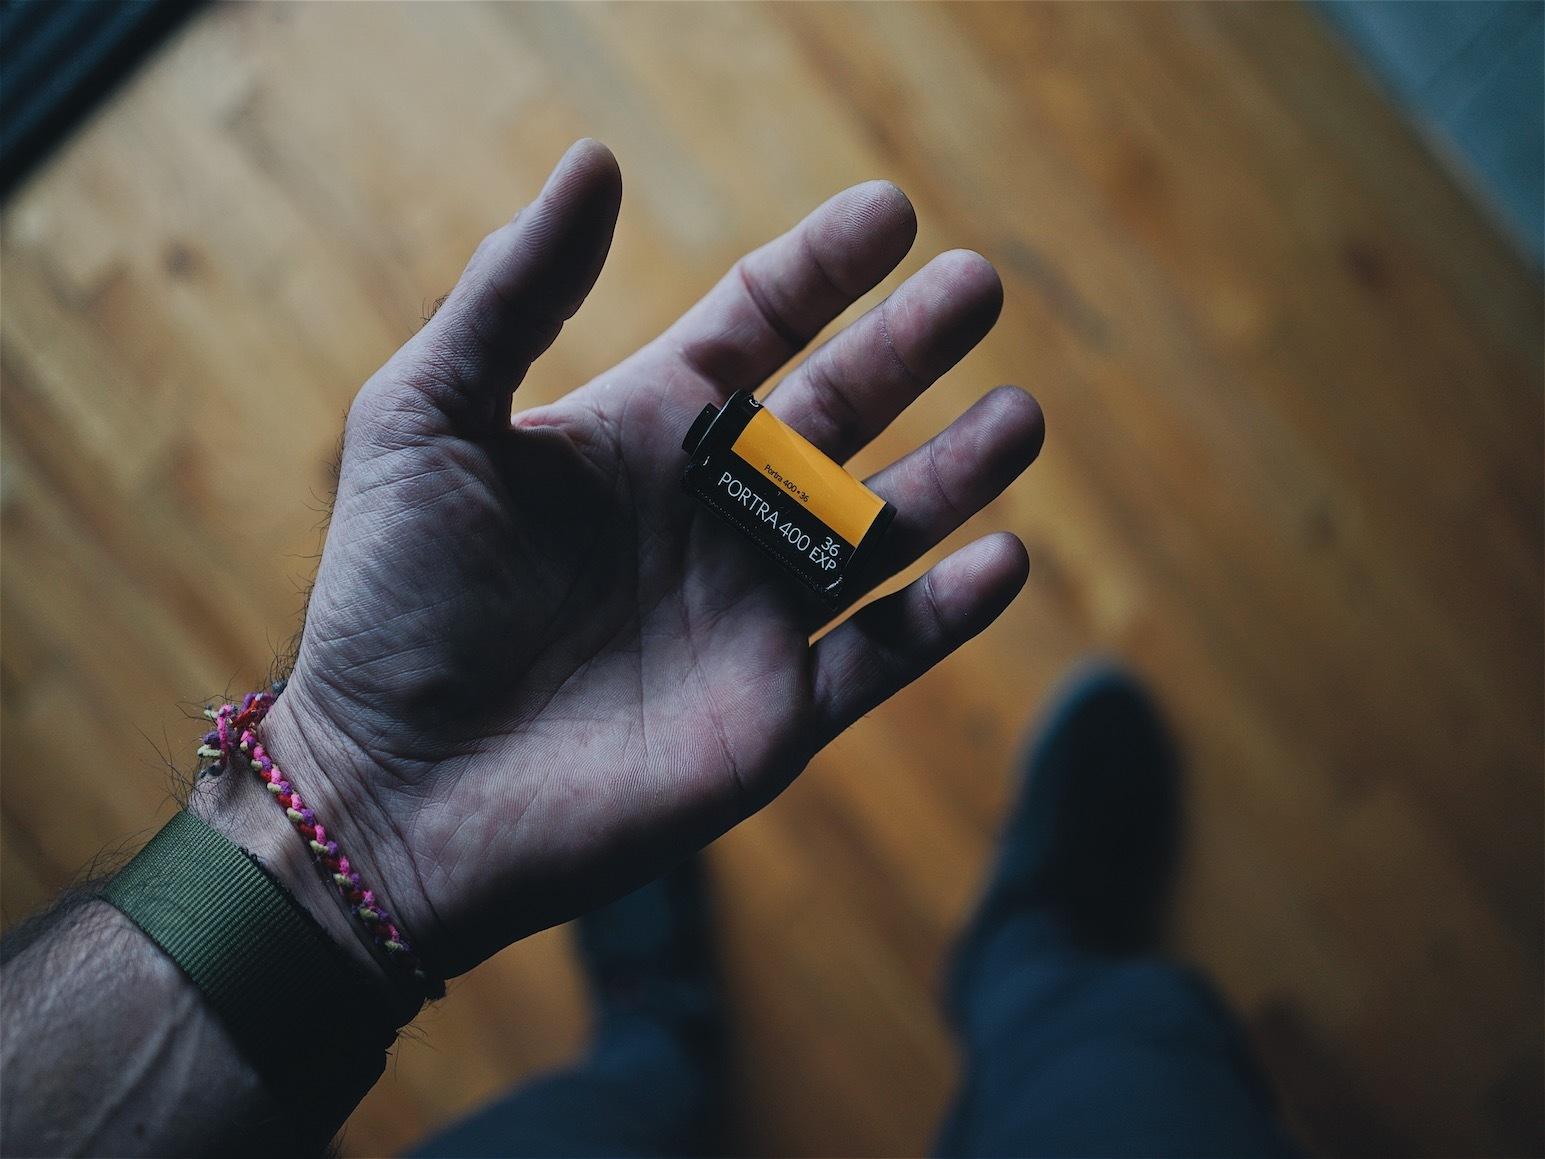 影像創作權回歸,柯達聯手區塊鏈共創管理平台KodakOne